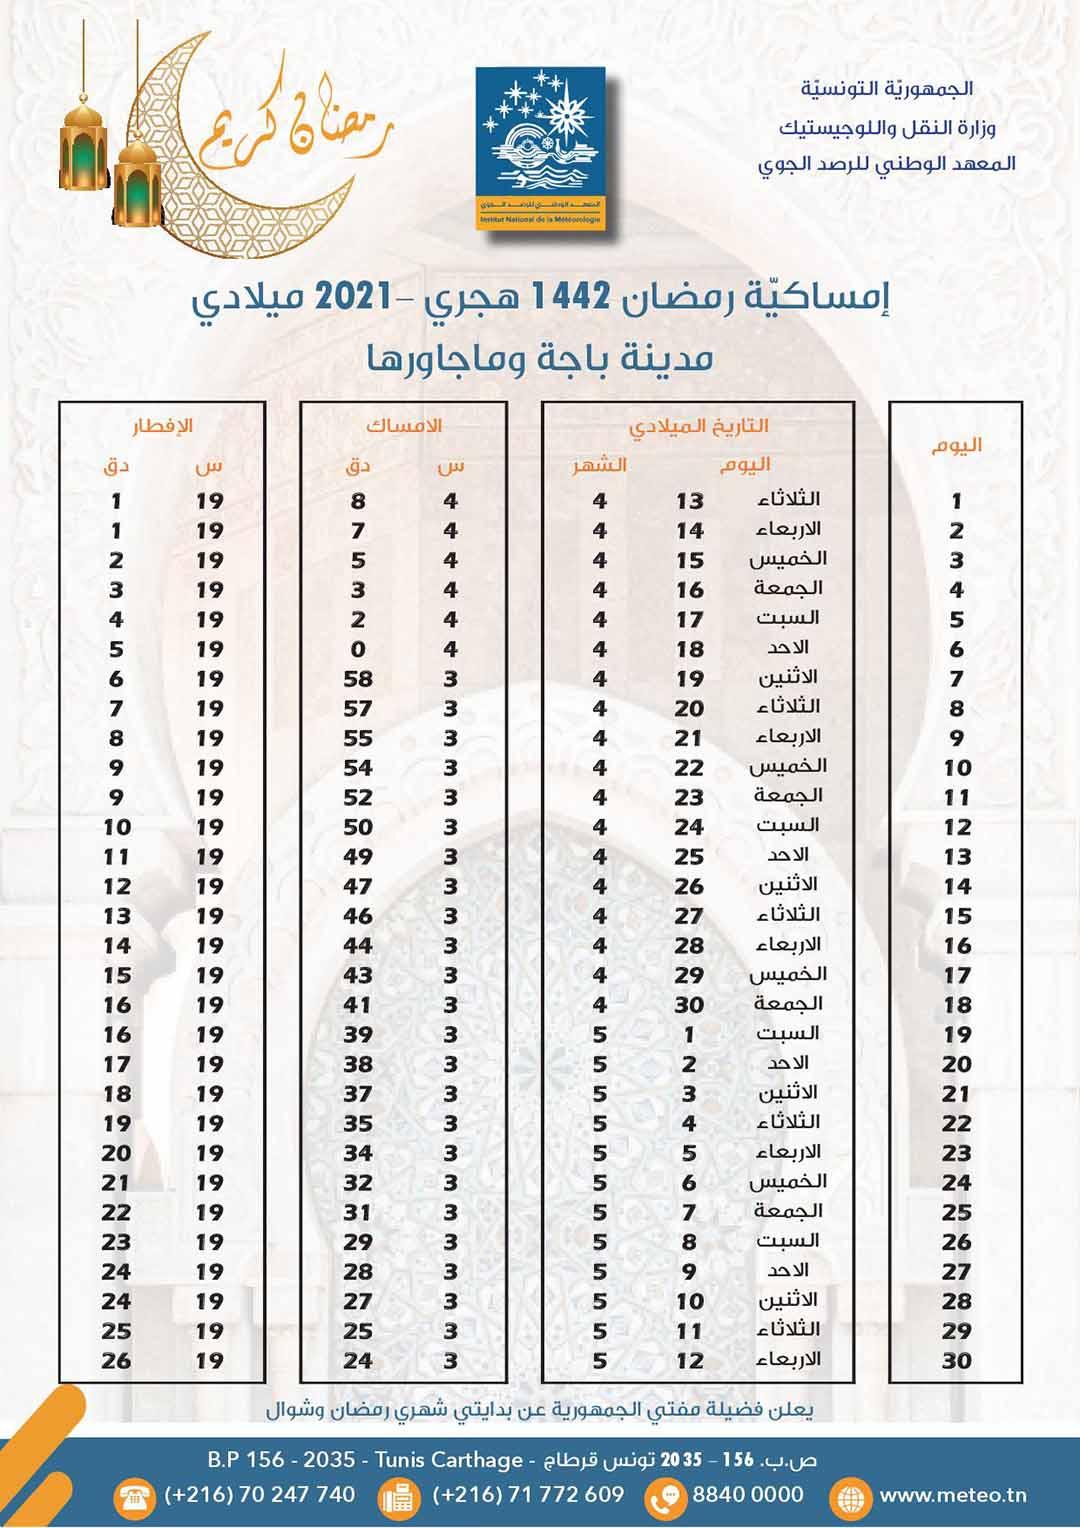 مواعيد الافطار و السحور في ولاية باجة رمضان 2021 1 - هام: مواعيد الافطار والامساك لشهر رمضان حسب الولايات..